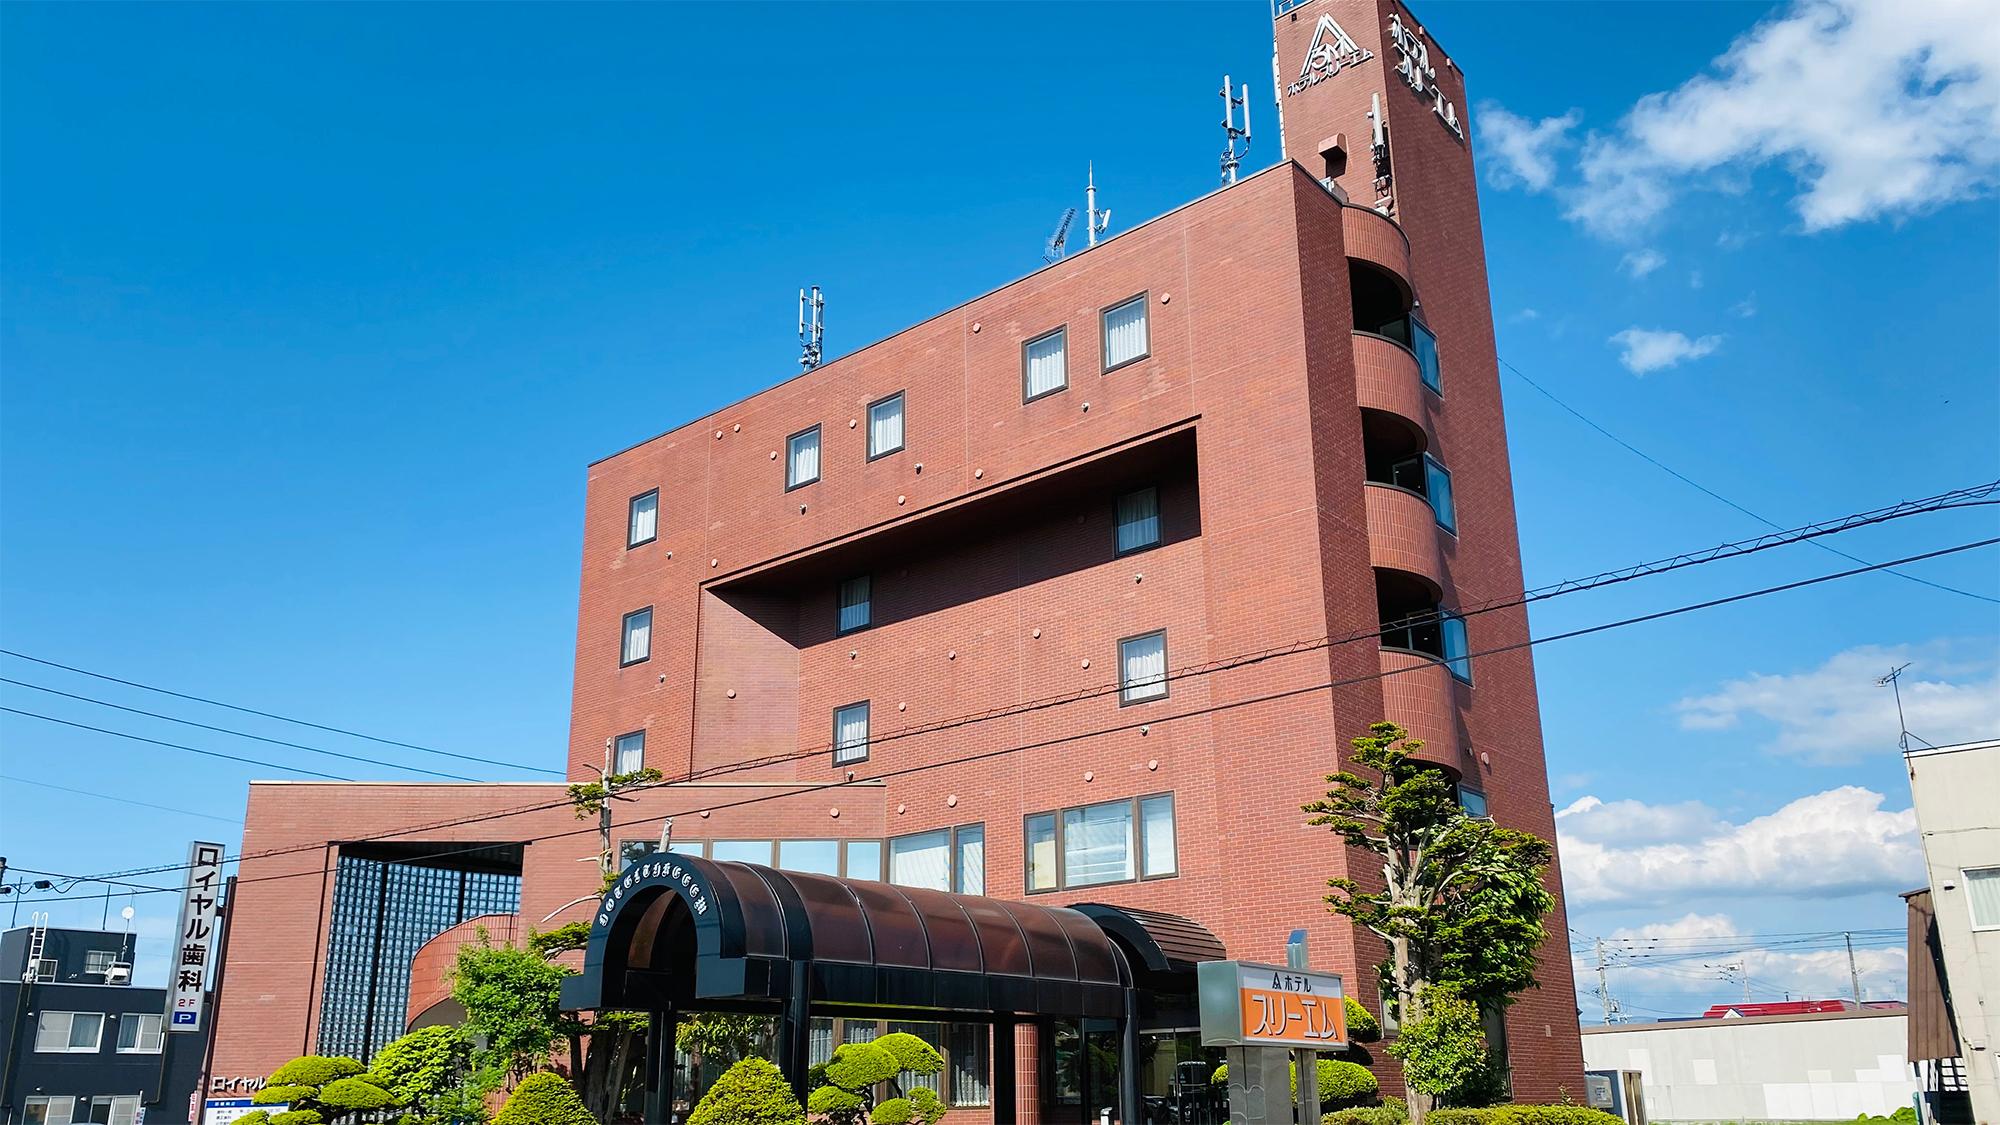 ホテル スリーエム